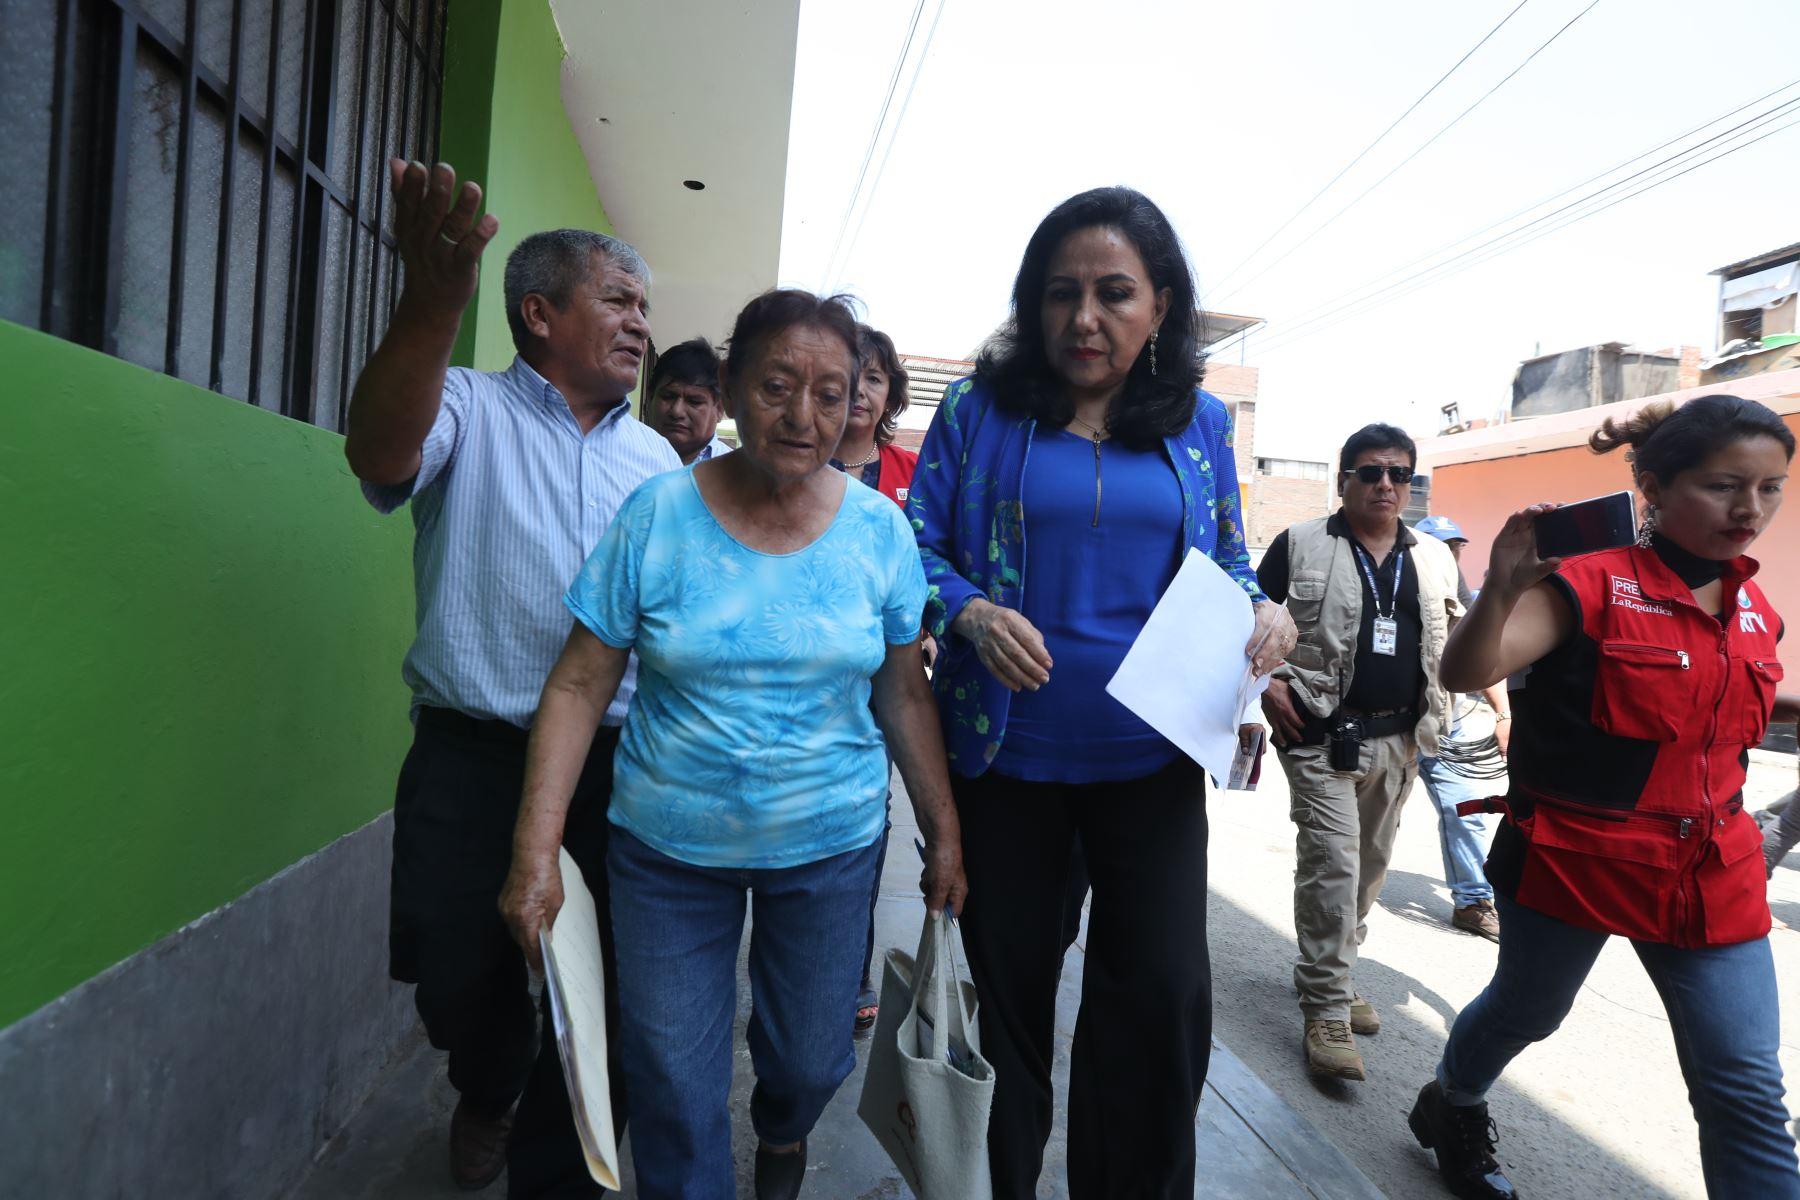 """Ministra de la Mujer, Gloria Montenegro durante la actividad preventiva """"Casa por casa"""" contra la violencia hacia la mujer y familia. Foto: ANDINA/Melina Mejía"""